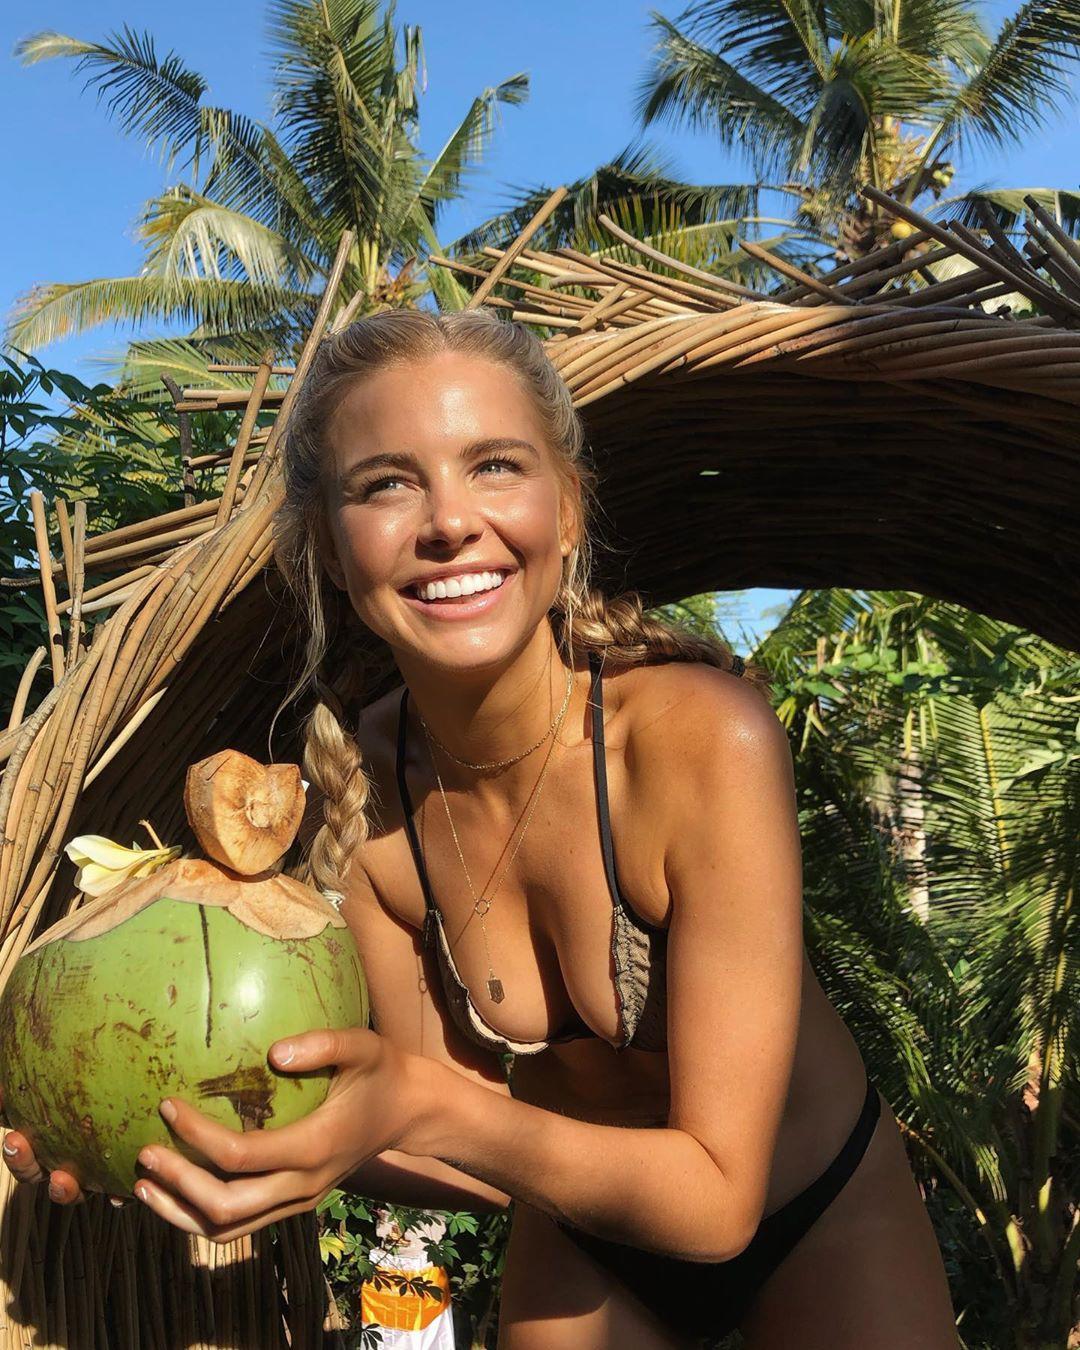 Cựu Hoa hậu Hoàn vũ Úc bị từ chối lên máy bay ở Bali chỉ vì… 1 vết nước ở góc phải hộ chiếu? - Ảnh 4.